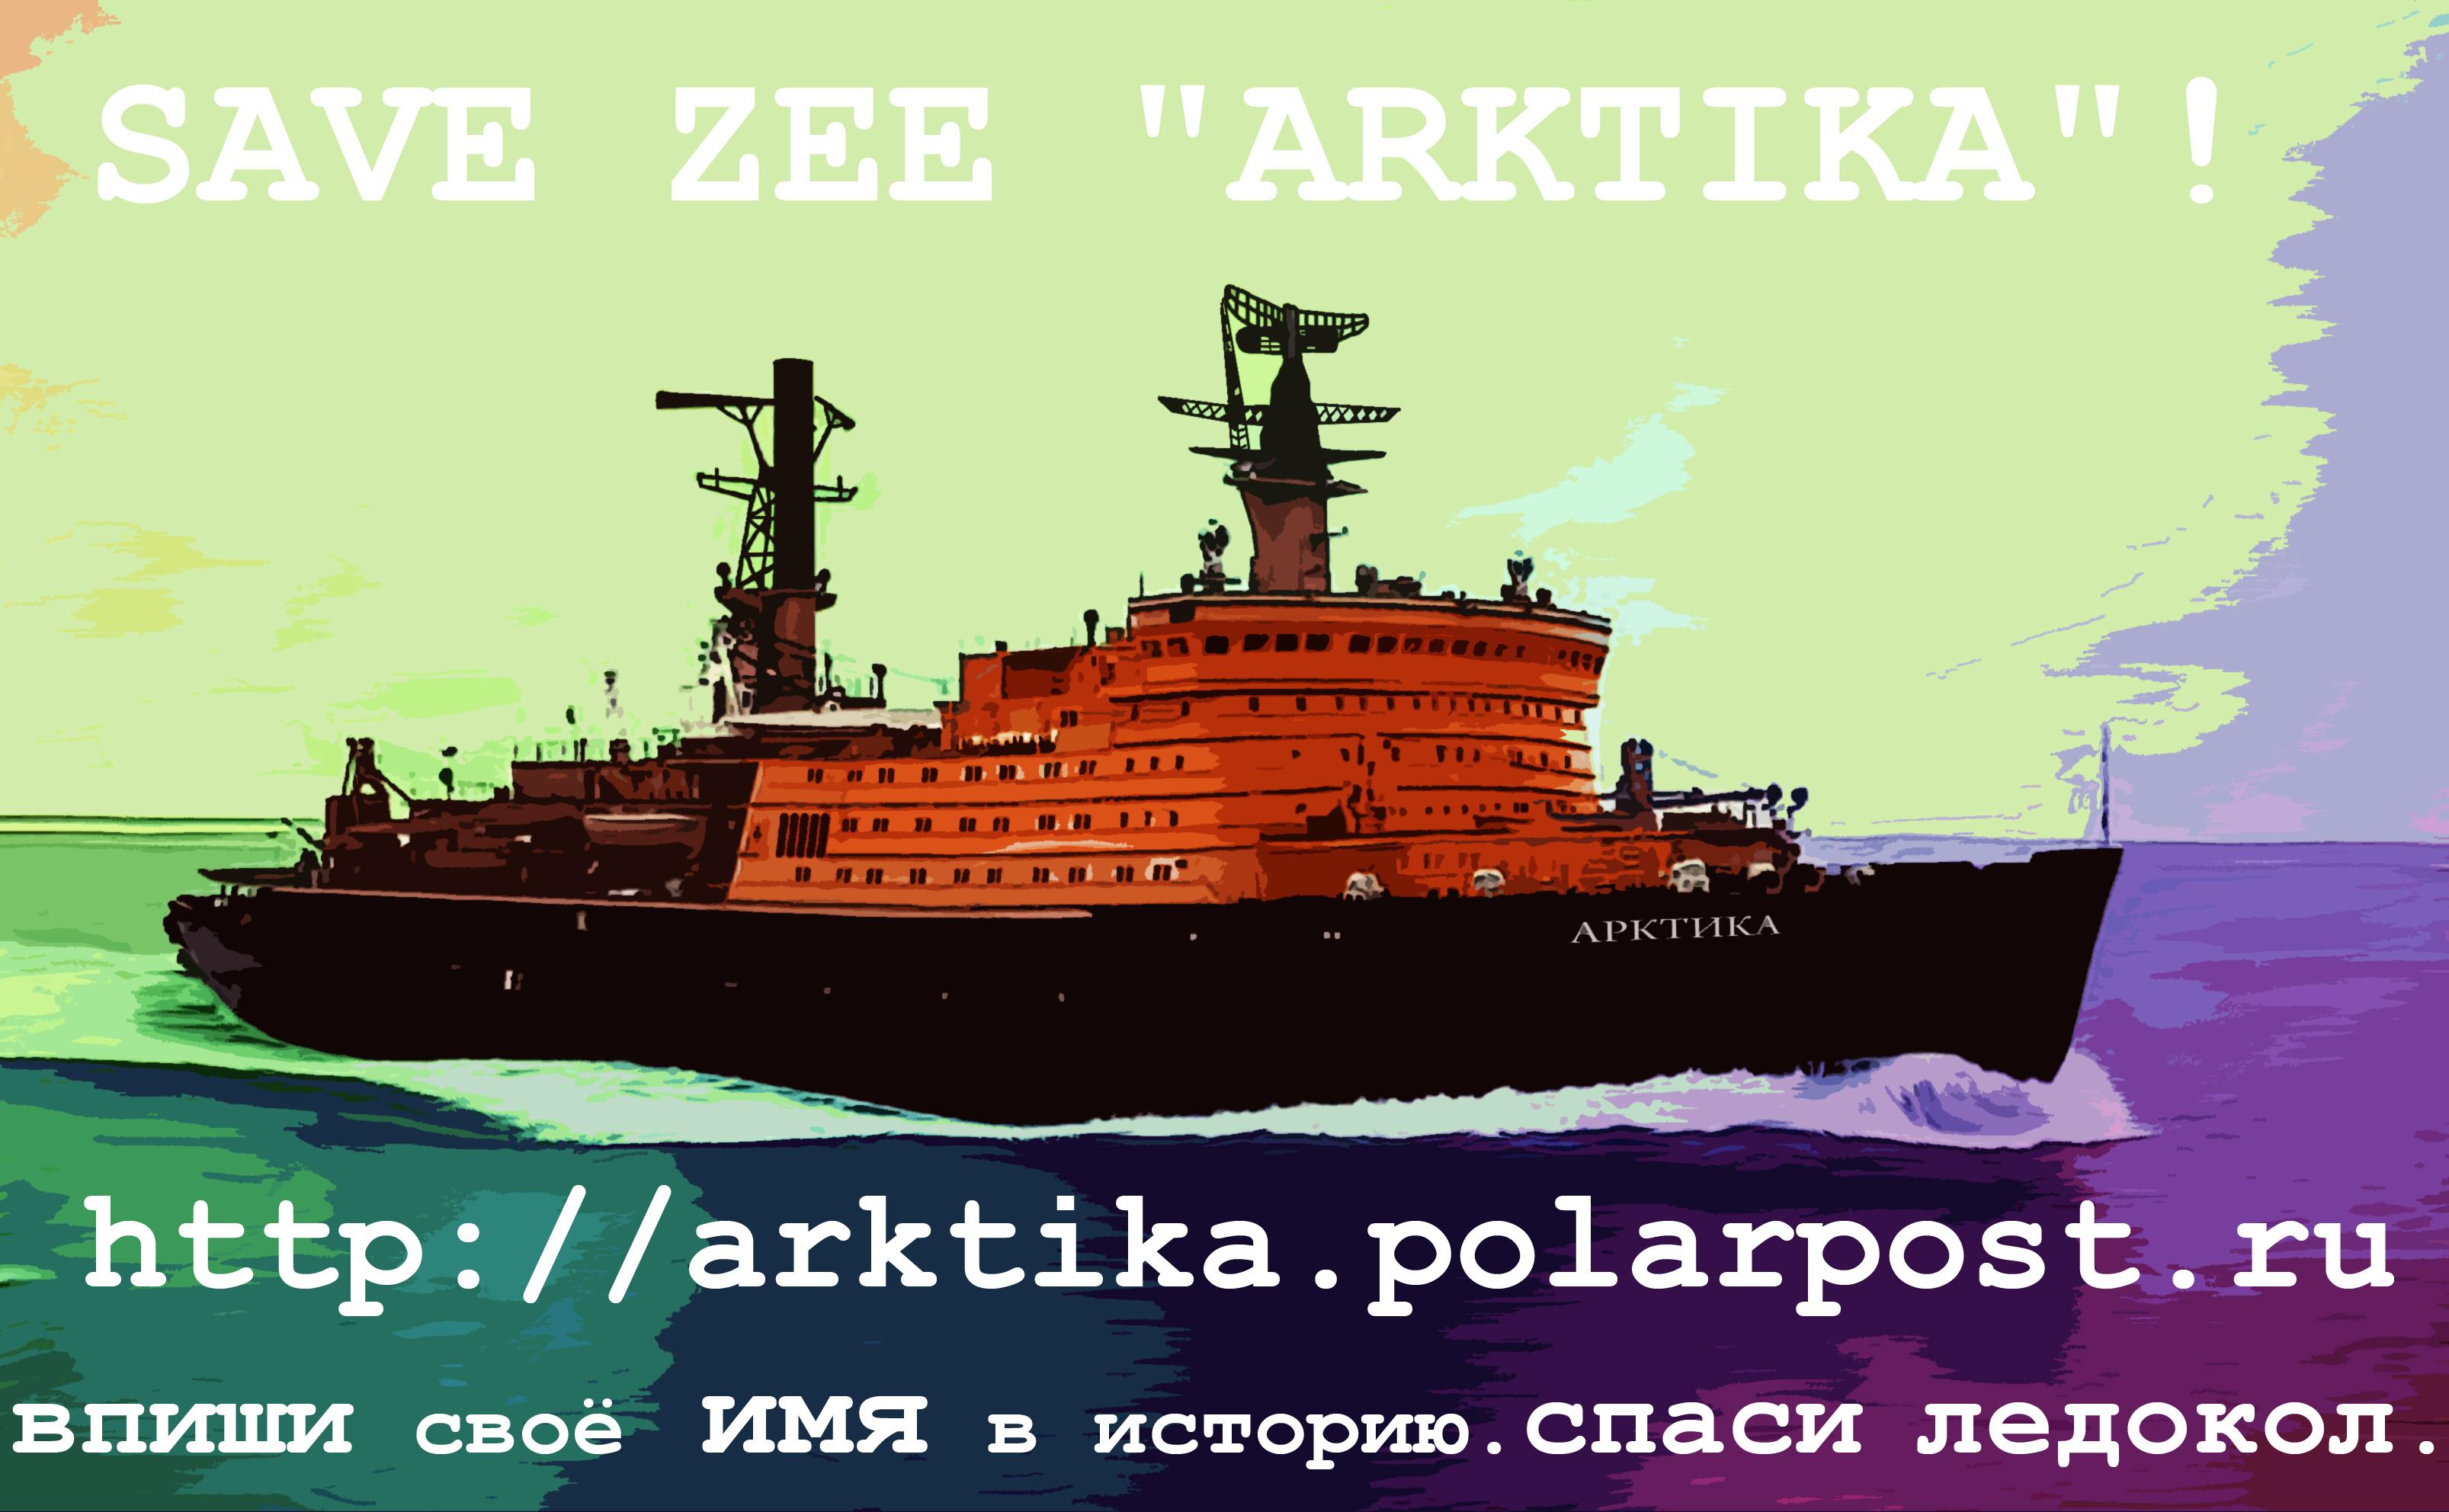 ZEE CAPTEIN'S SHIP IN DANGER !  HE...